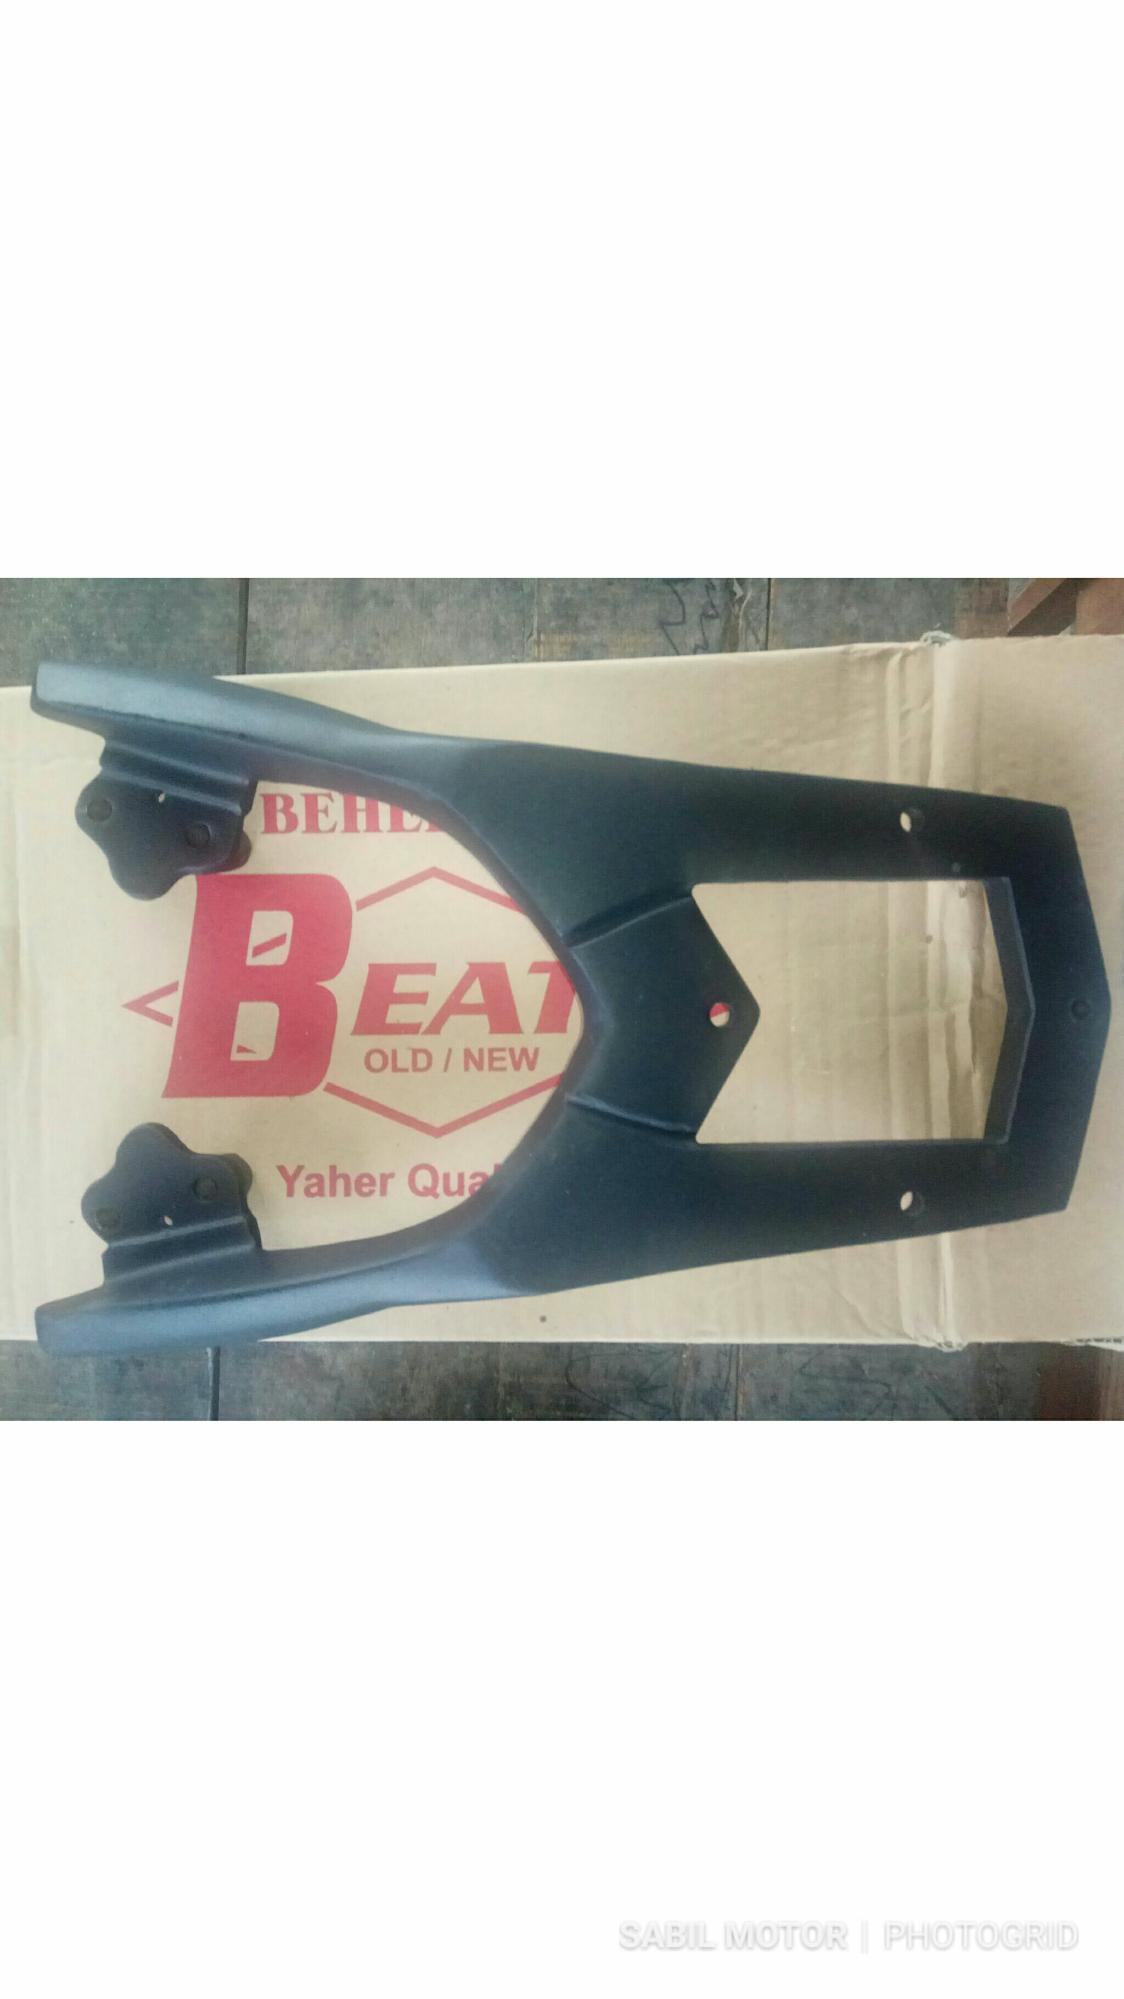 Fitur Behel Box Motor Beat Dan Harga Terbaru Info Tempat Jok Fi Injection 4